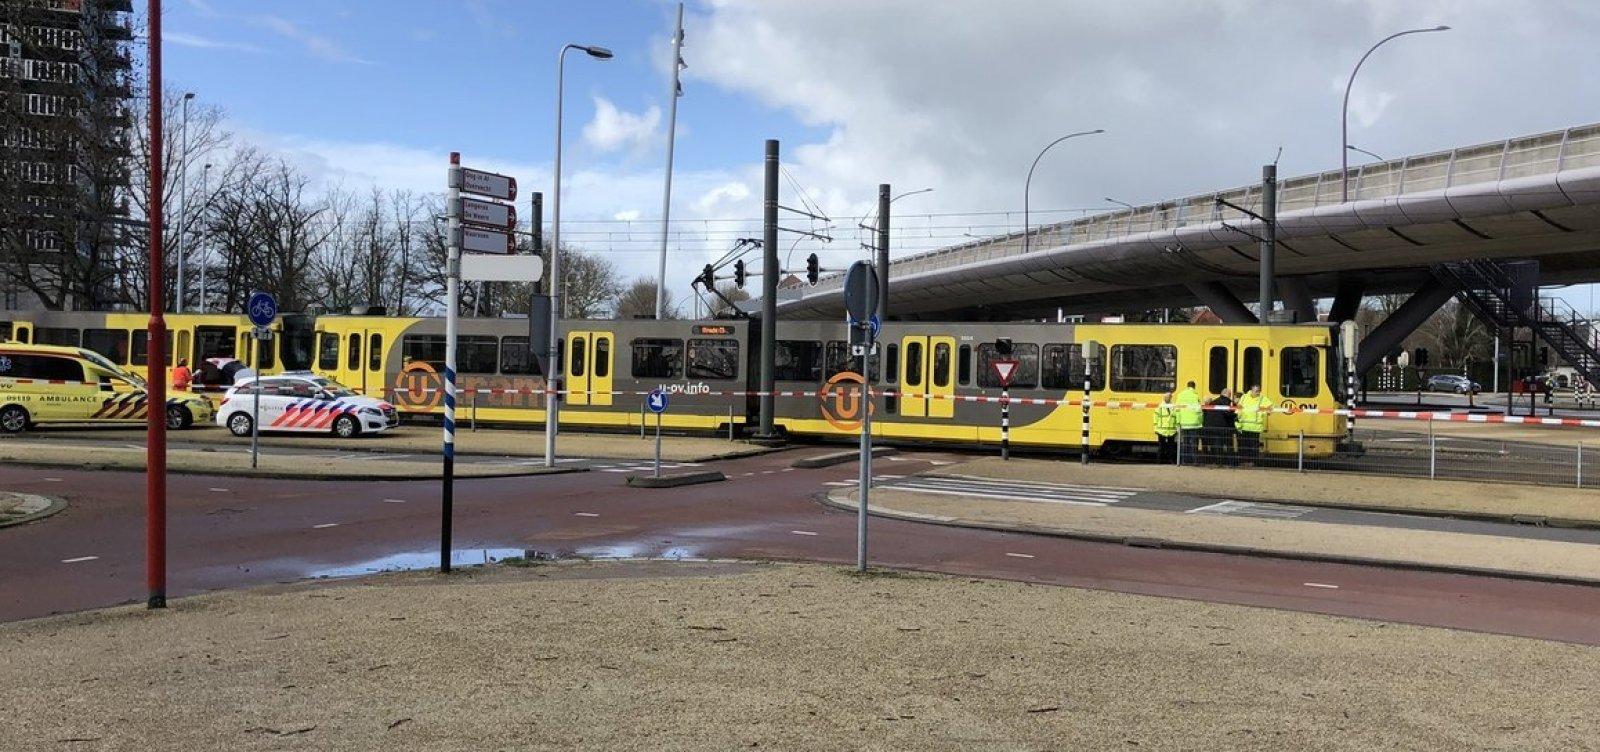 [Homem abre fogo contra passageiros em bonde na Holanda]